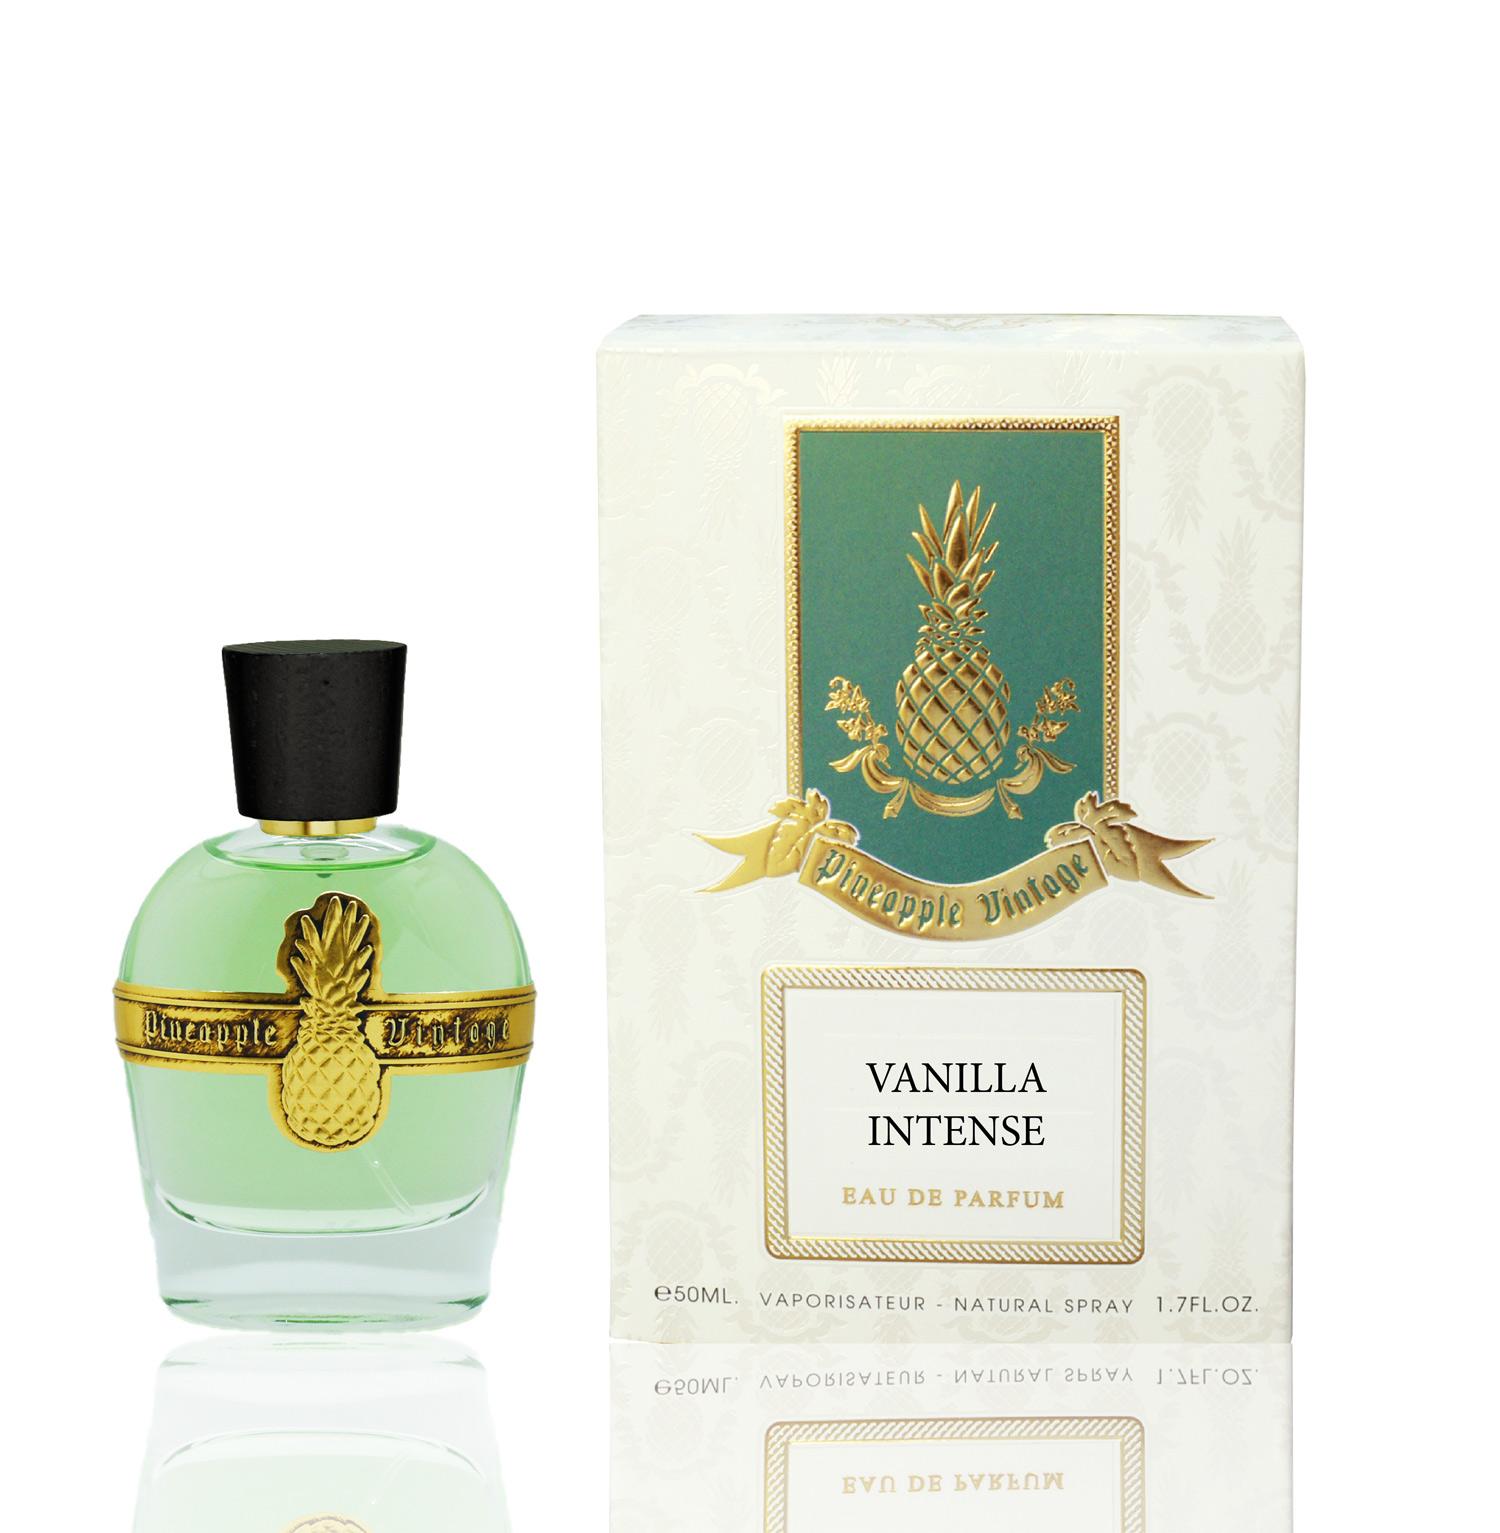 Pineapple Vintage Vanilla Intense Parfums Vintage parfum